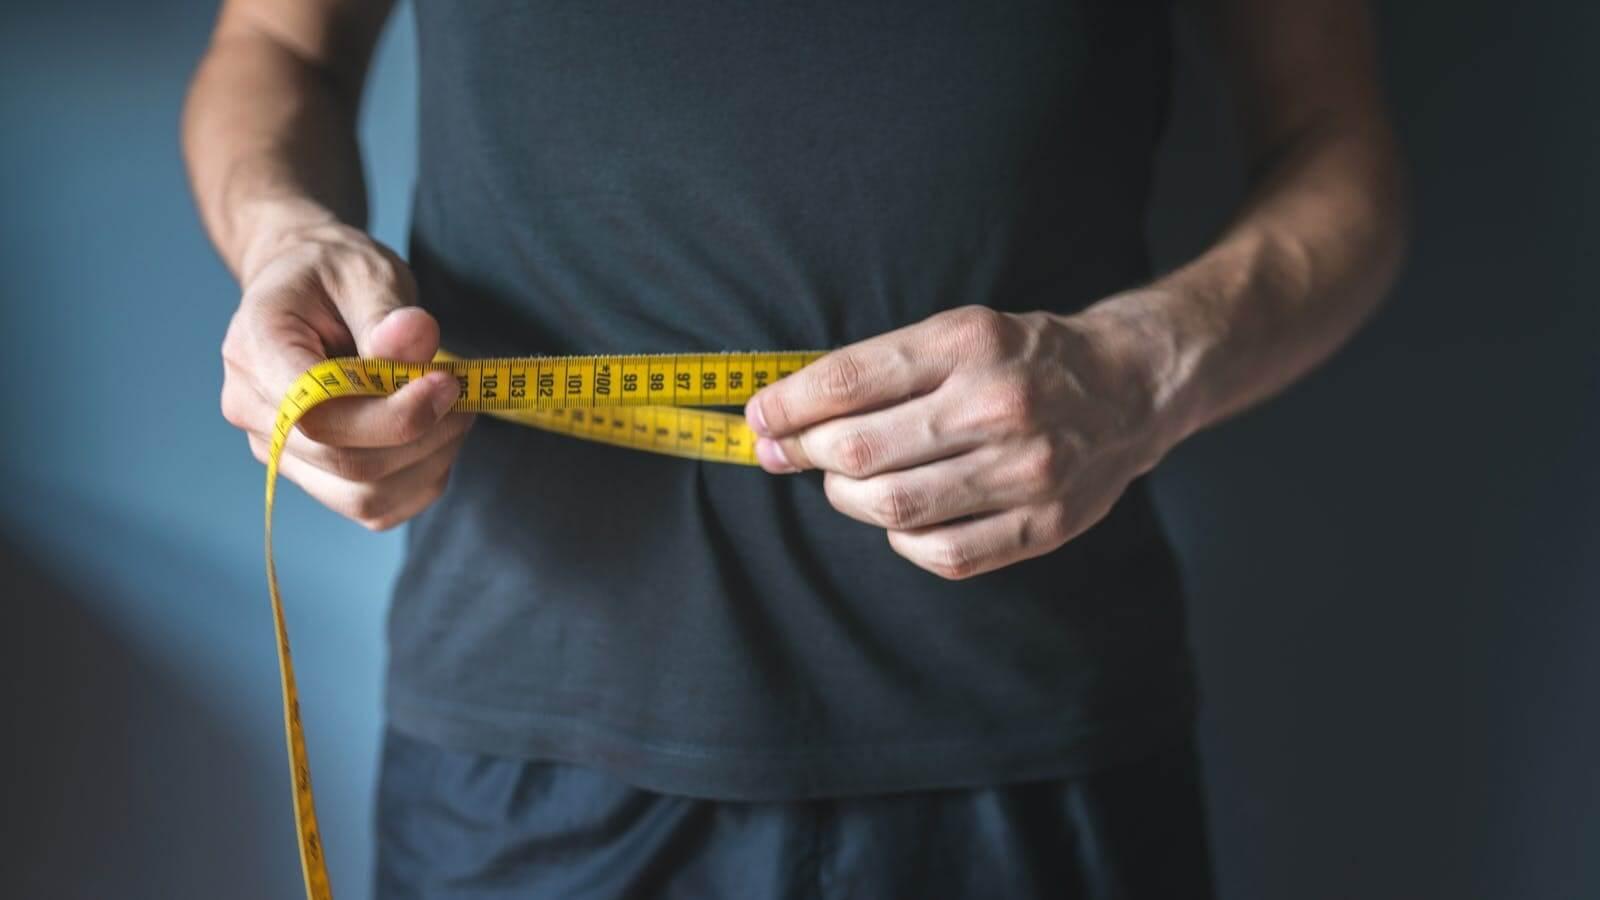 راه های کاهش وزن سریع